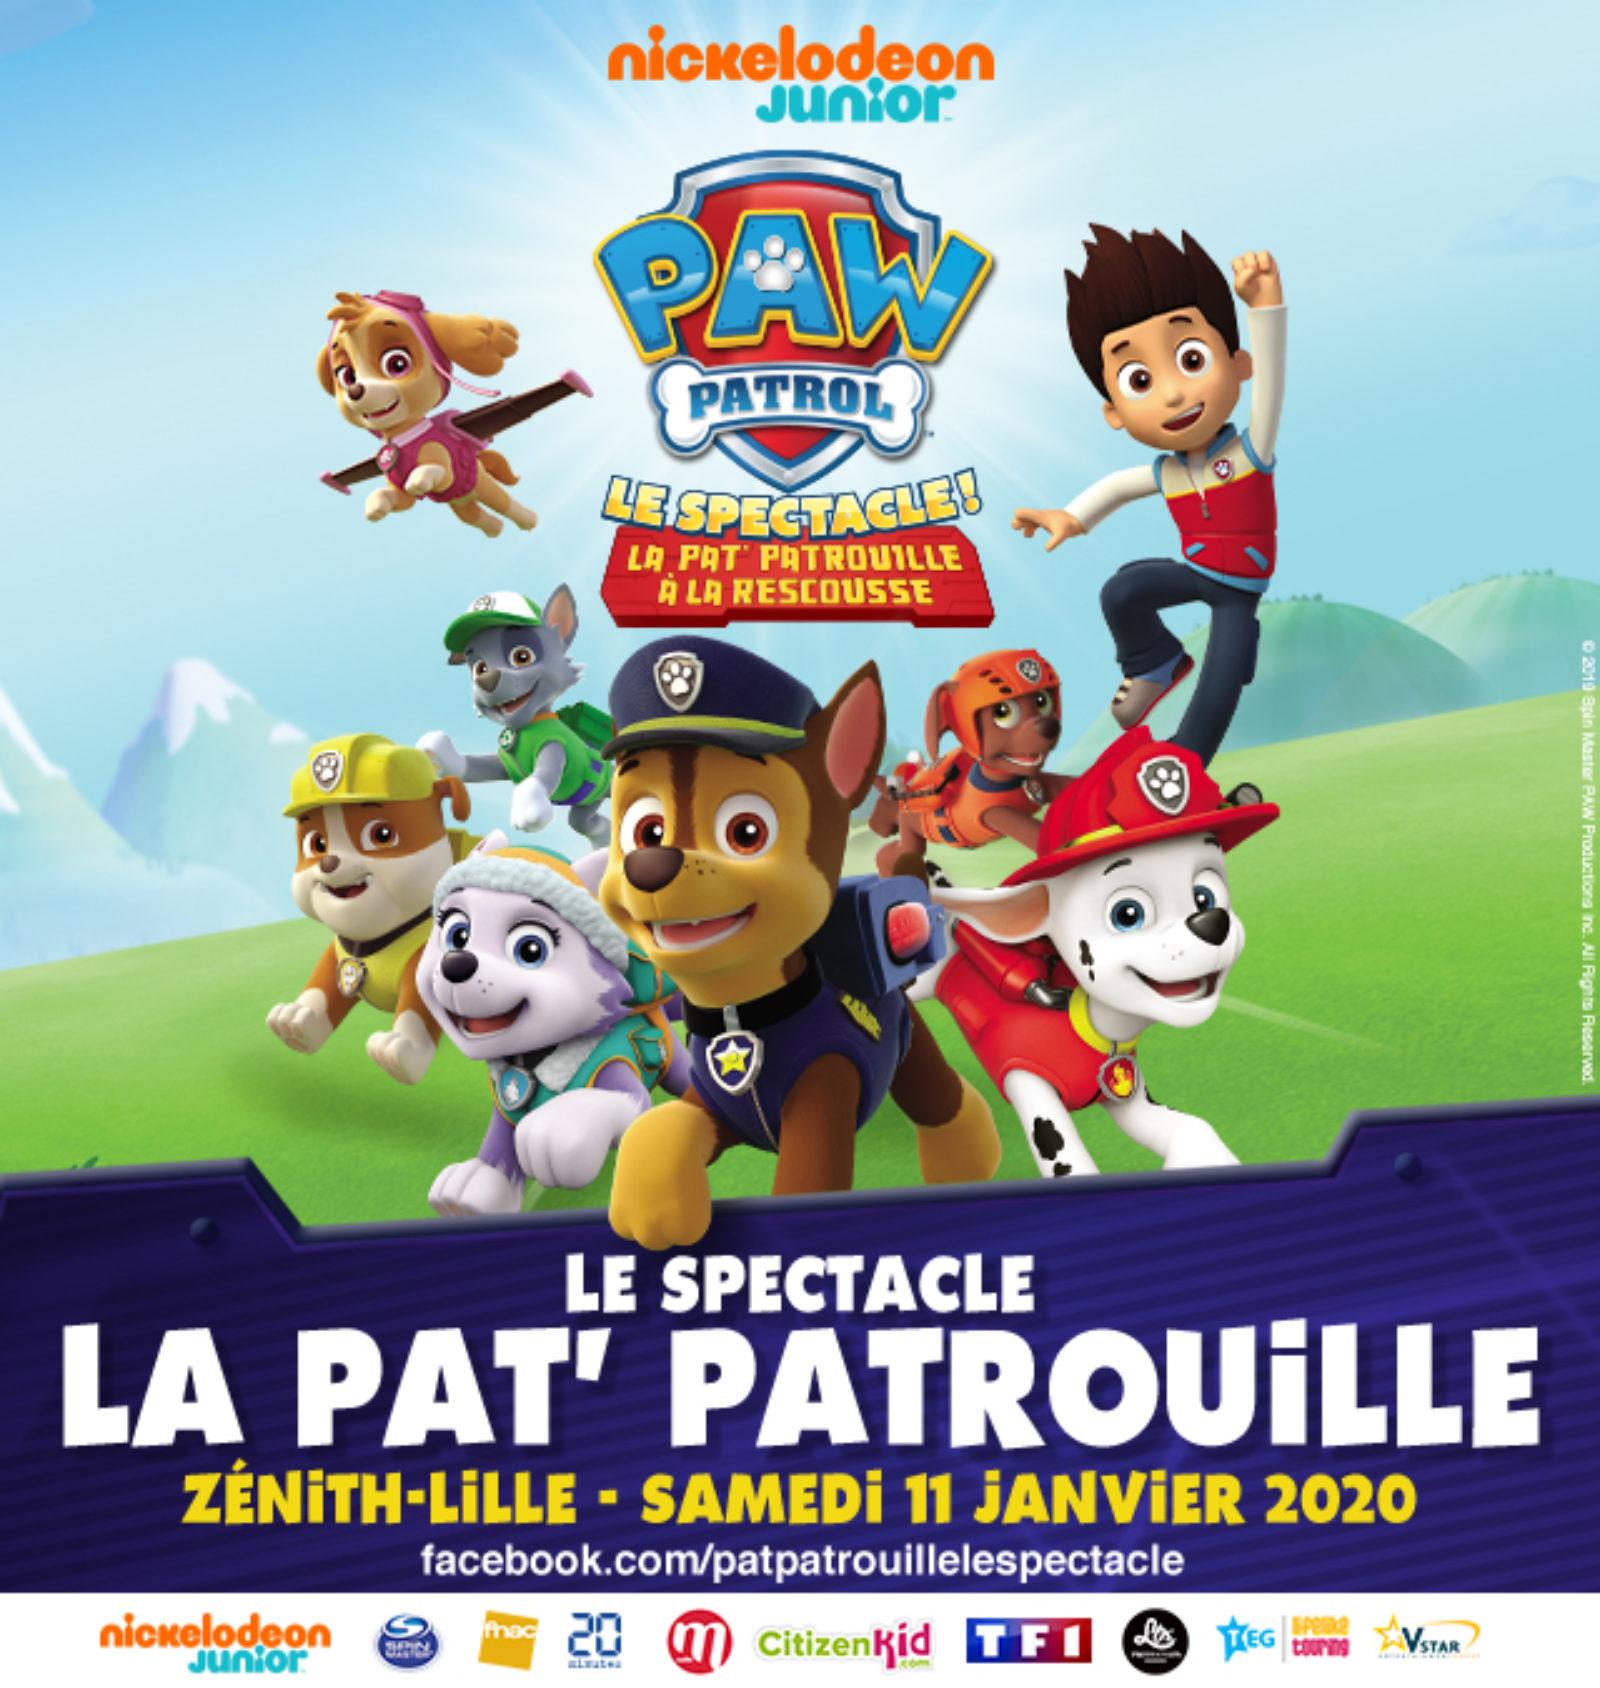 Pat Patrouille Le Spectacle Zenith De Lille